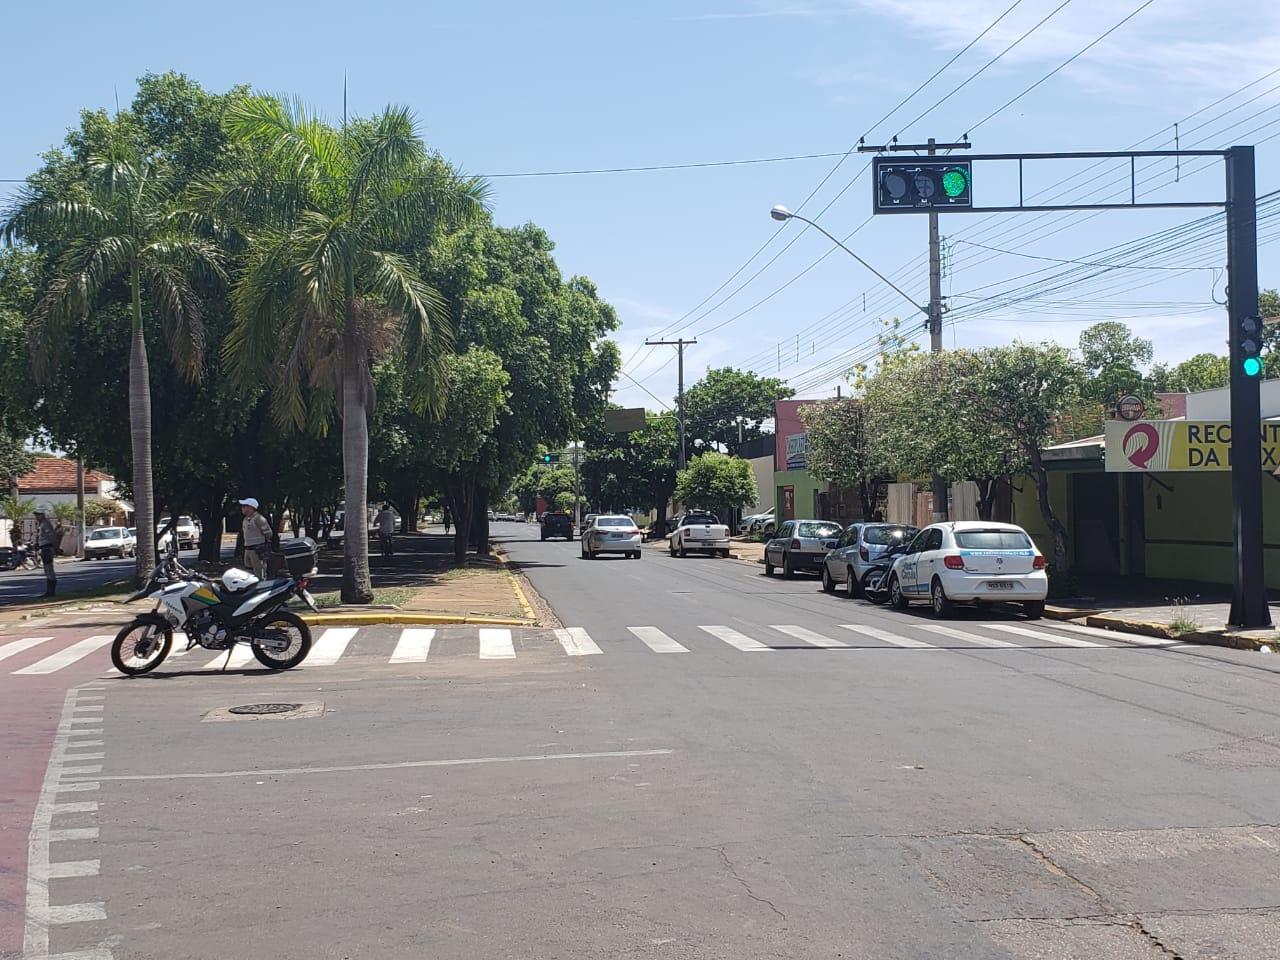 Novos semáforos e faixas de pedestre devem garantir maior segurança no trânsito de Três Lagoas